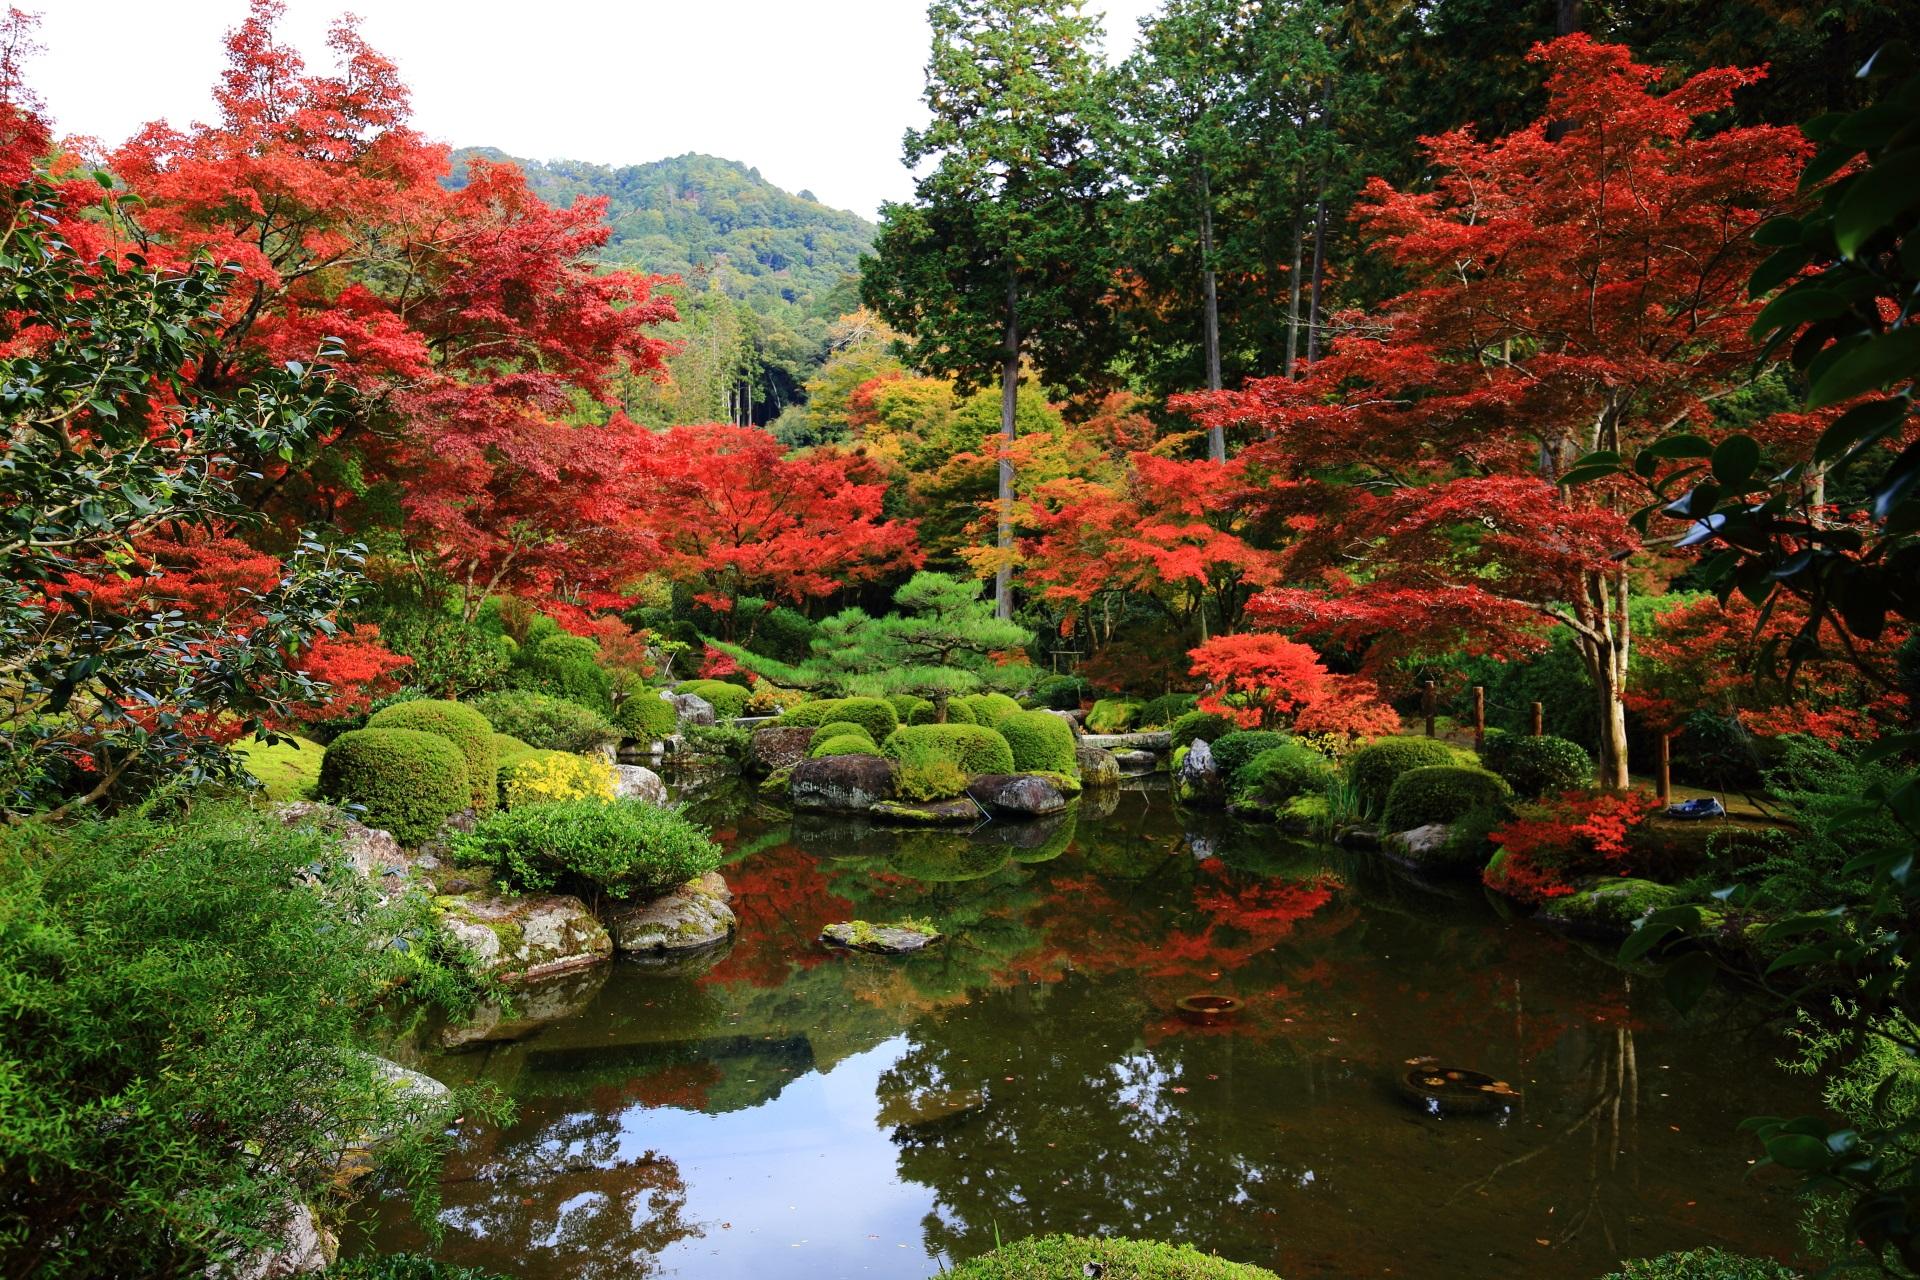 三室戸寺の素晴らしい紅葉と多彩な秋の情景